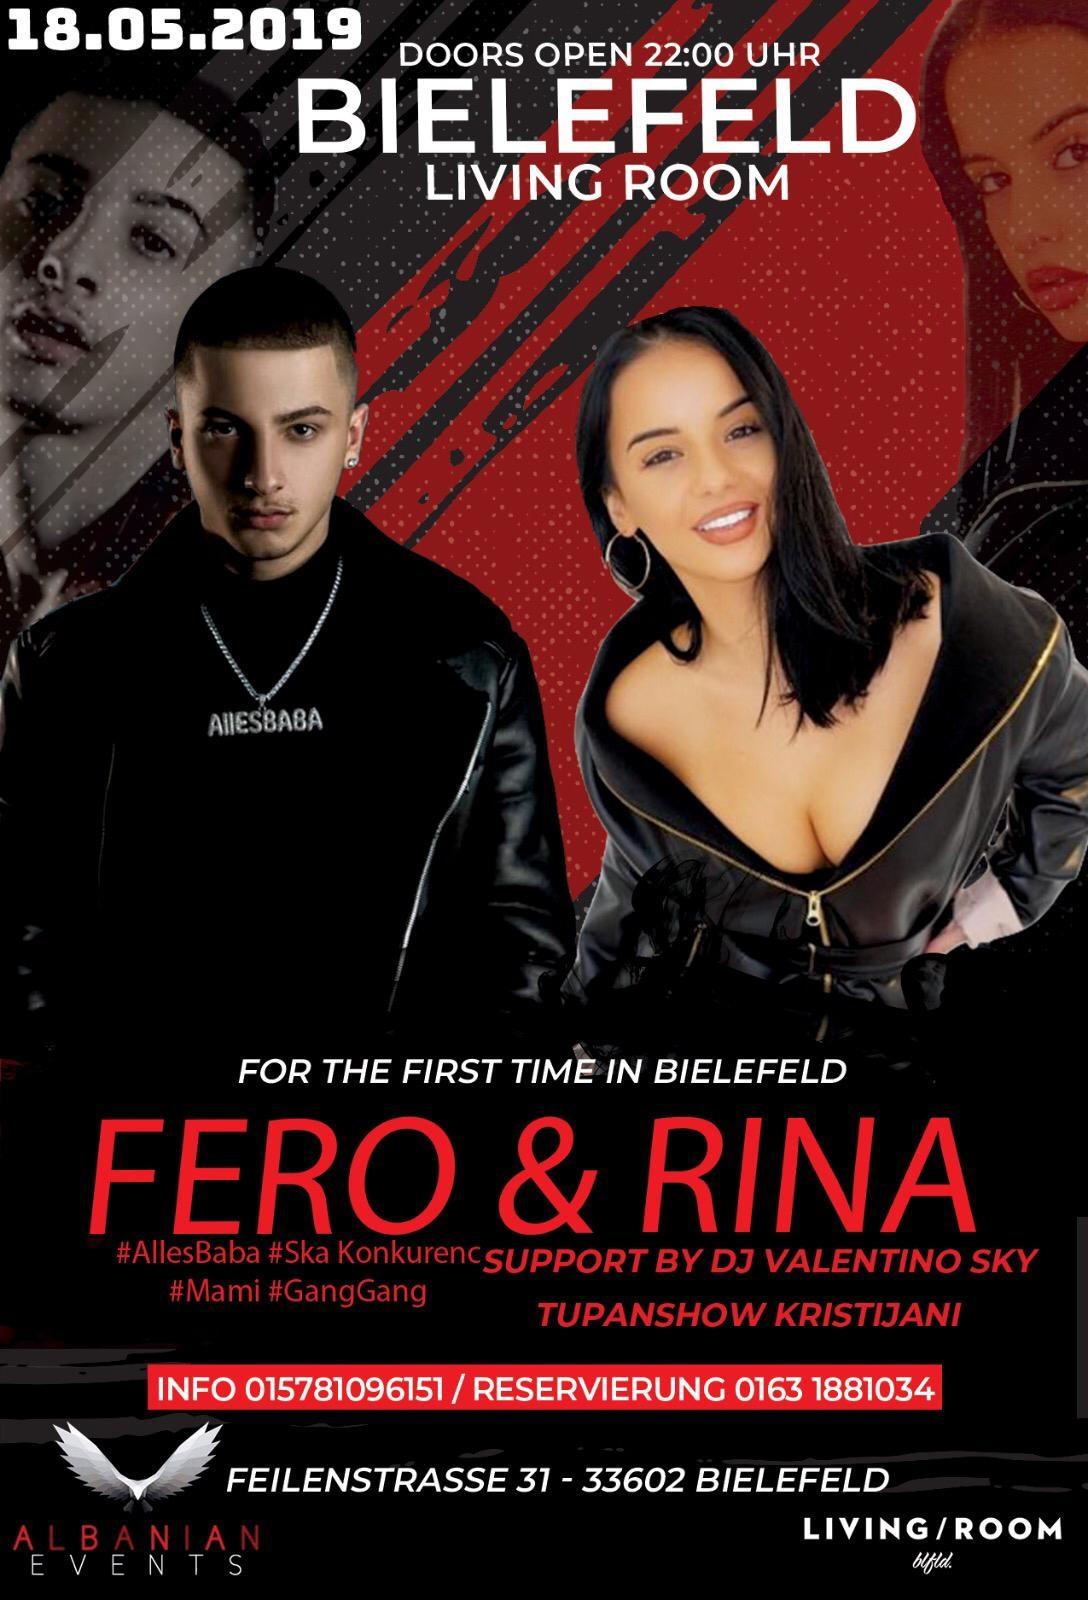 18.05.2019 Në Bielefeld – LIVING ROOM – FERO & RINA